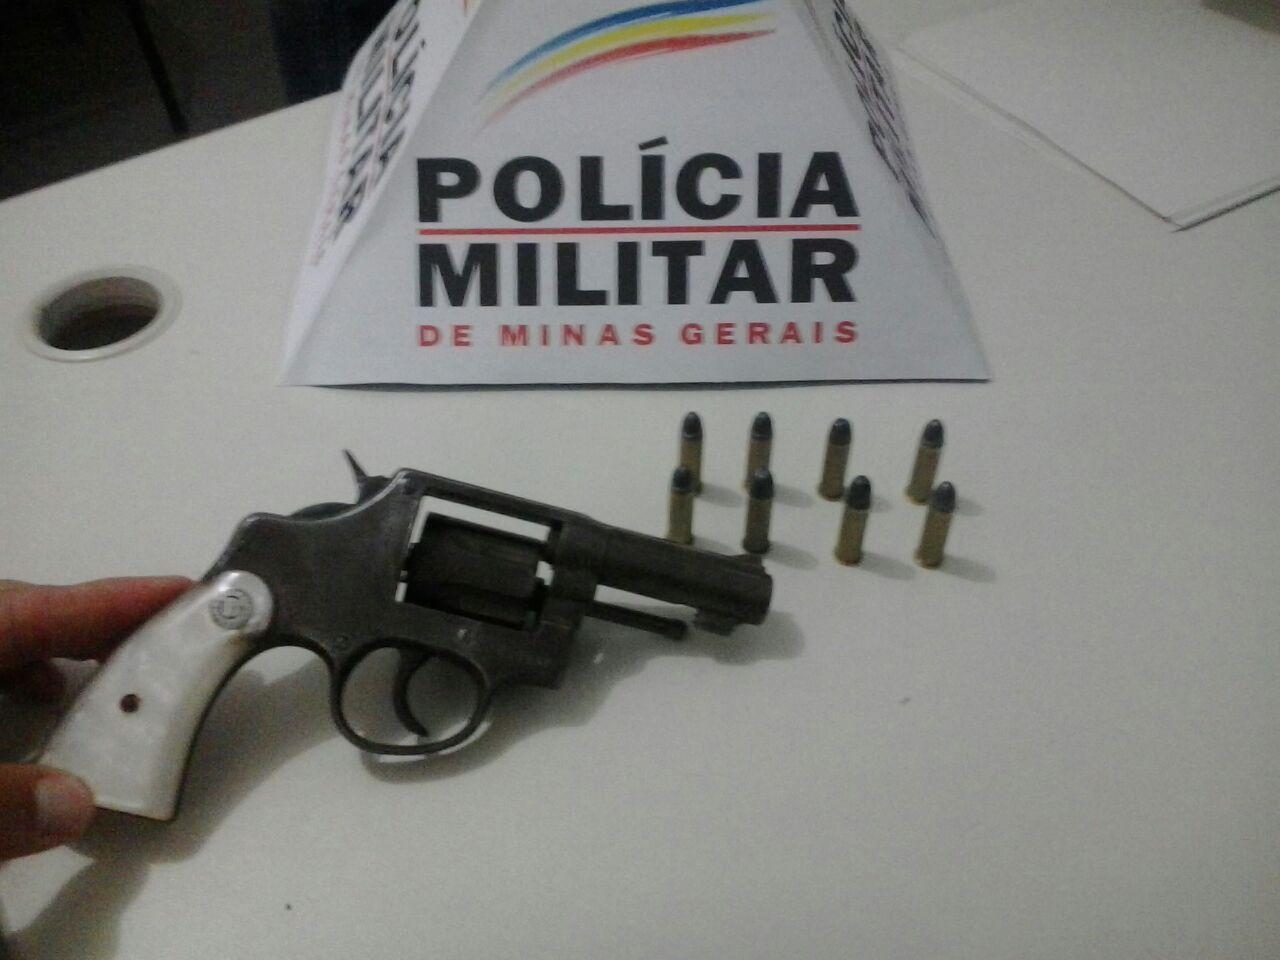 Arma e munições foram apreendidas no Jardim Kennedy (foto: Polícia Civil).